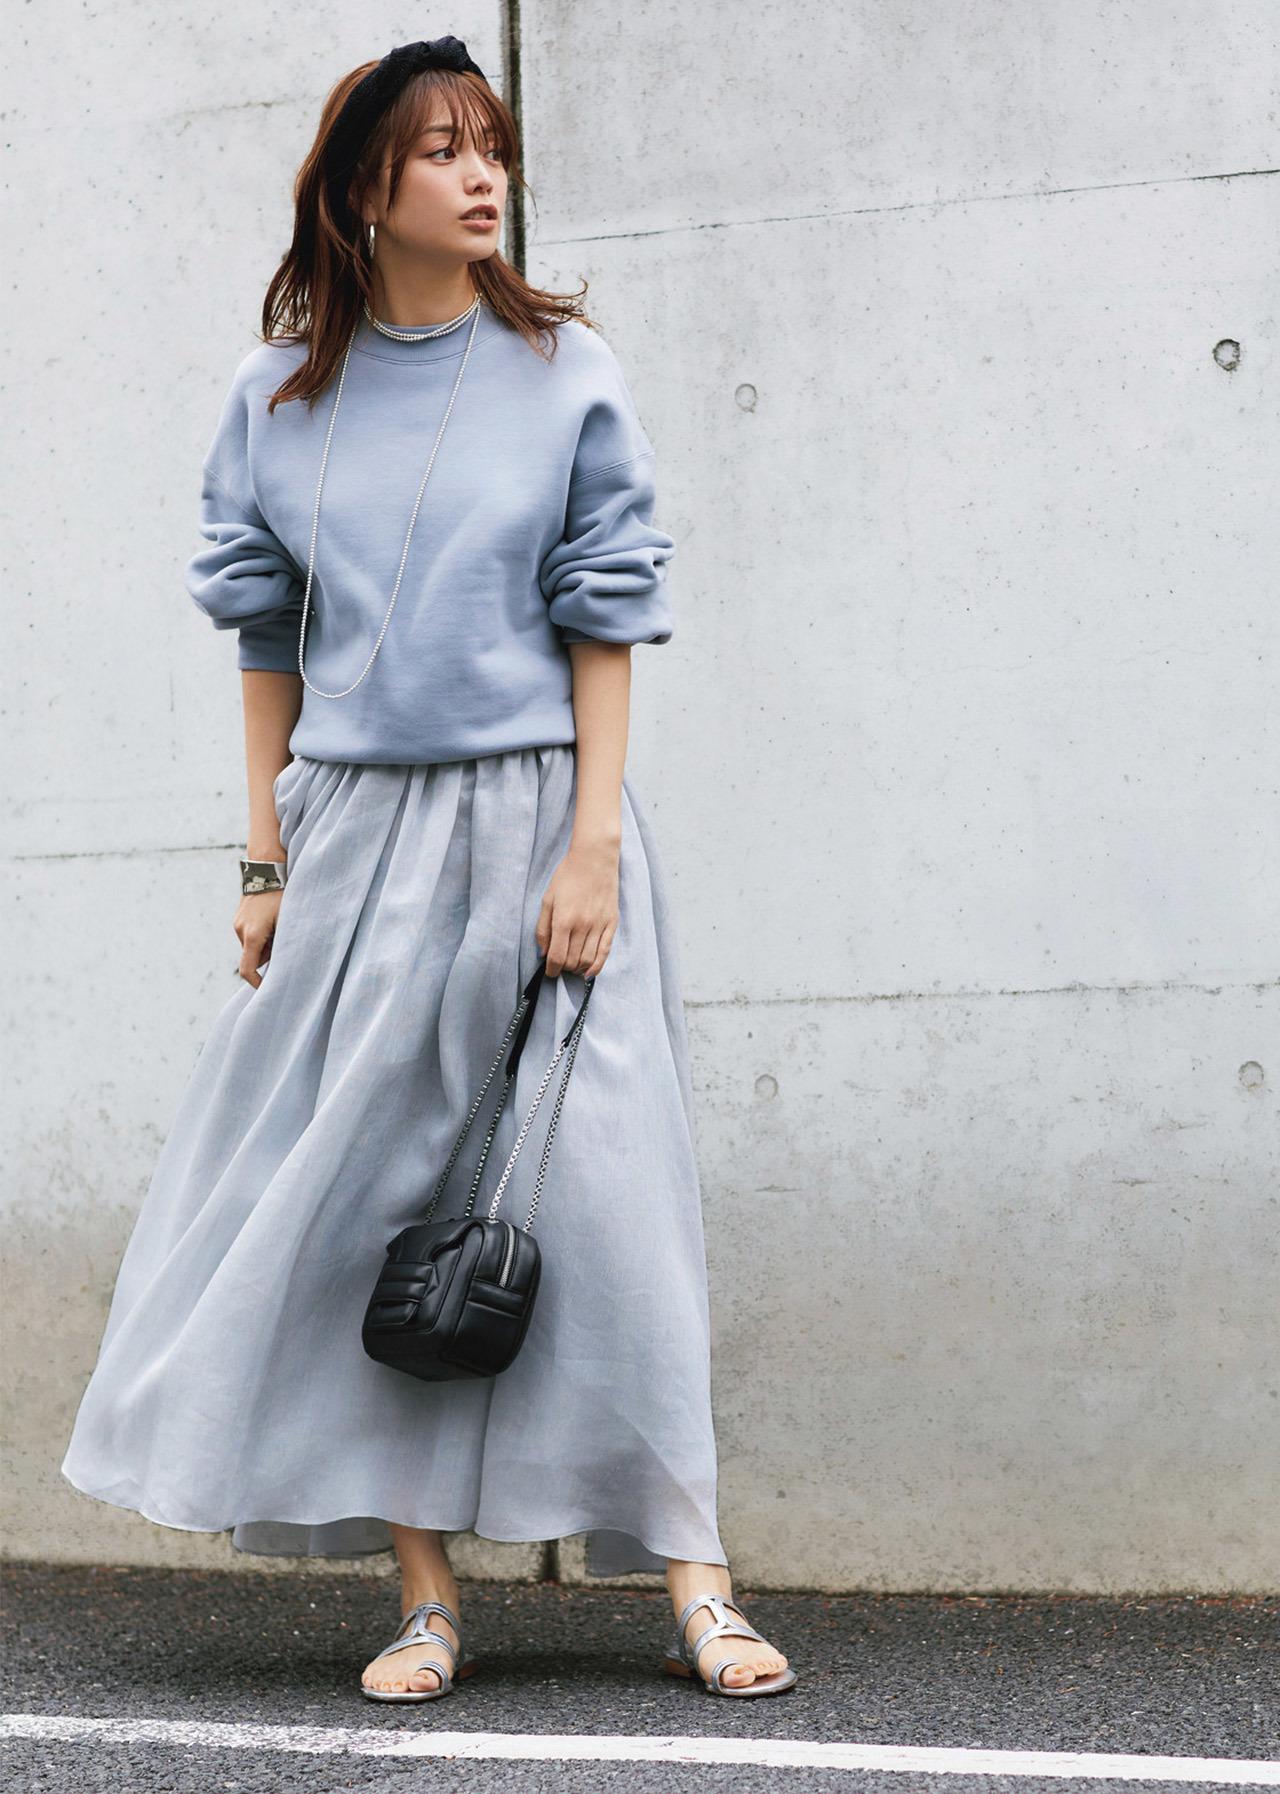 スウェット×ふんわりスカートのワントーンコーデ